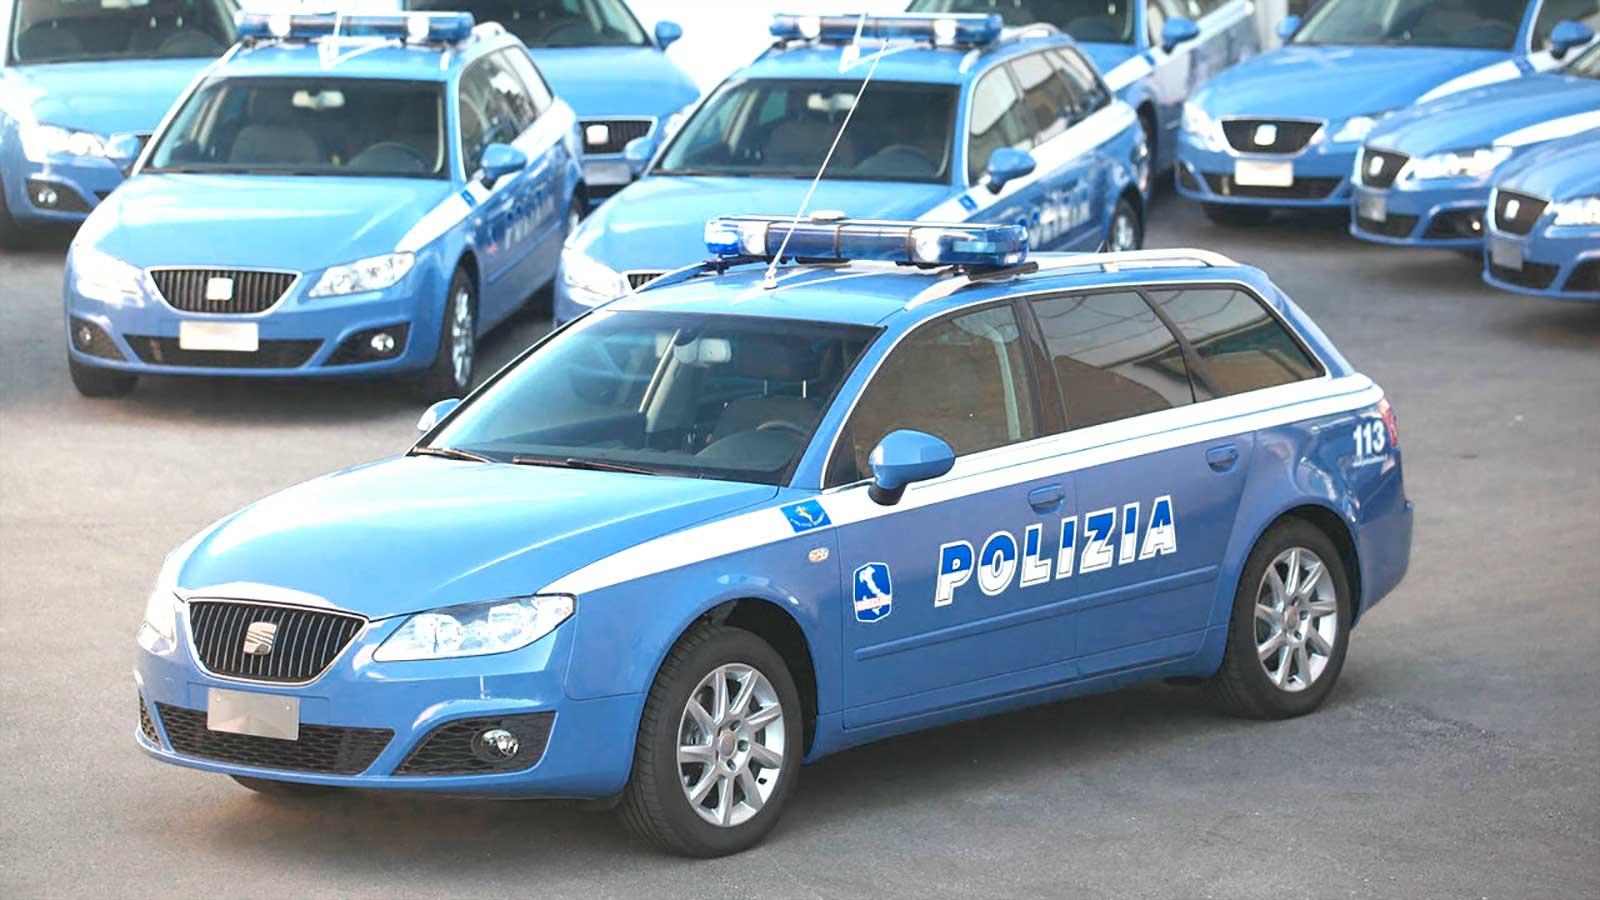 polizia stradale uil polizia